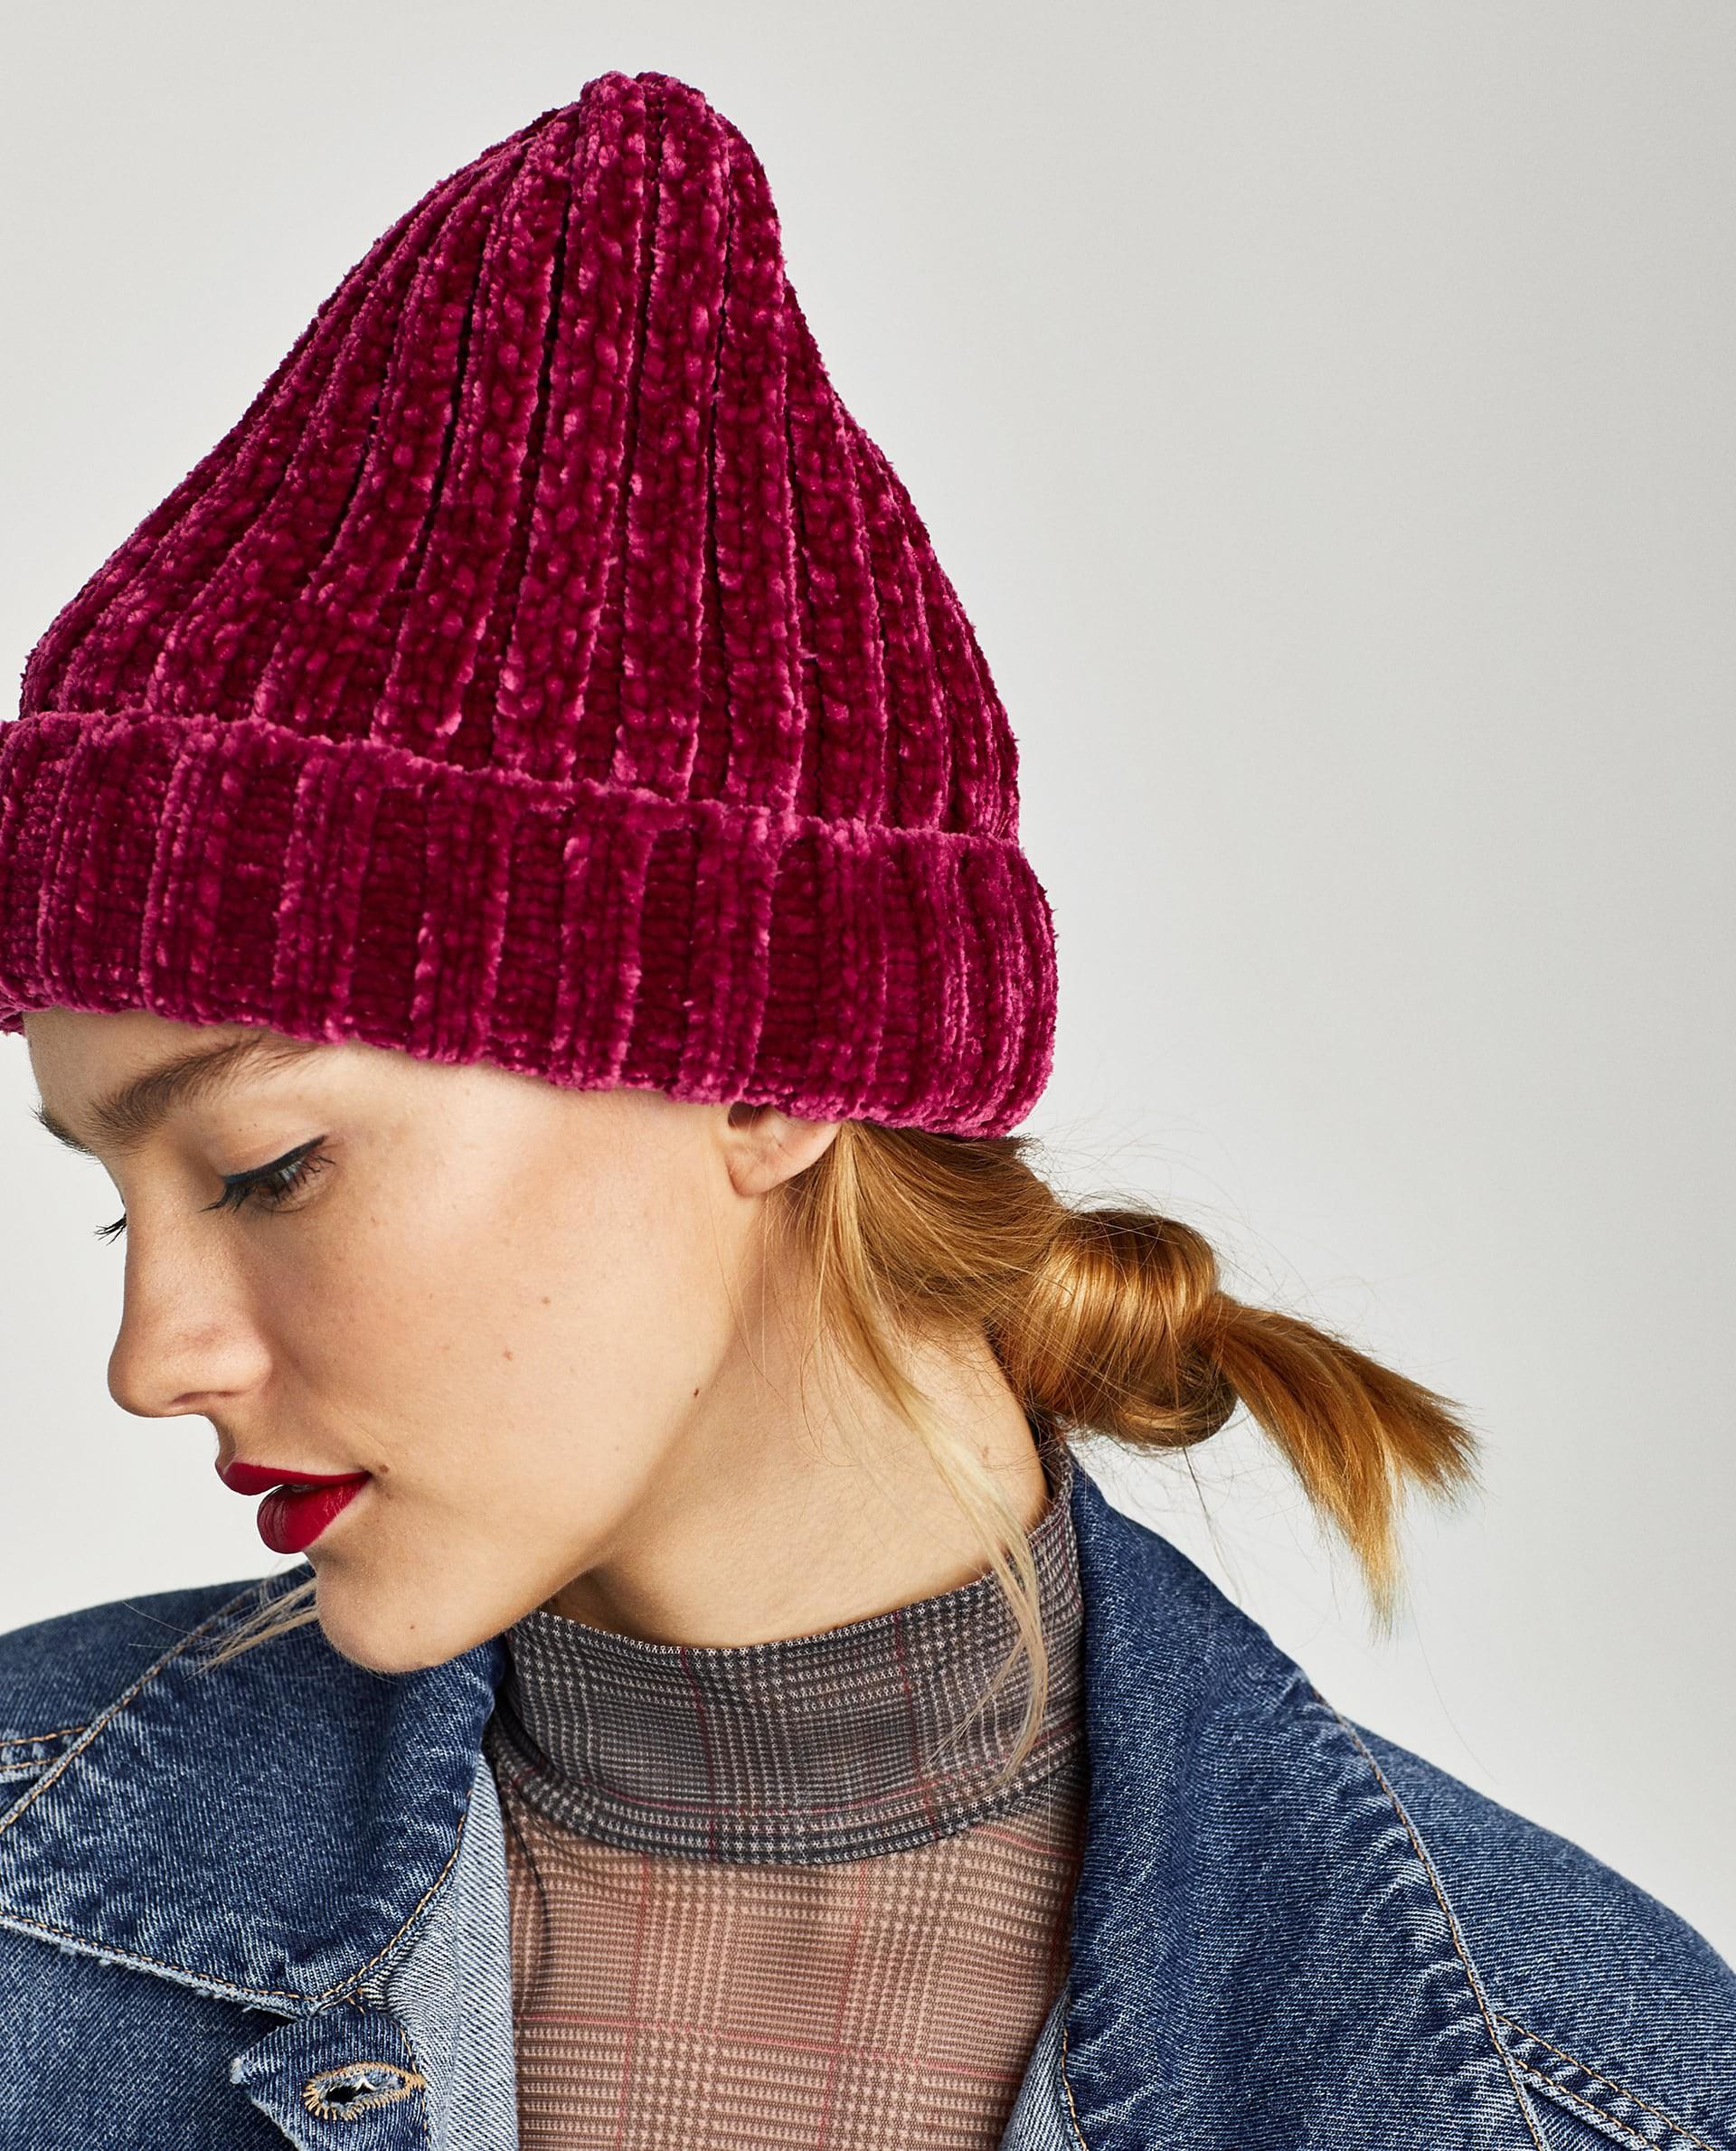 Diện thêm 4 chiếc mũ xinh xắn này, set đồ đi chơi Noel của bạn sẽ đúng điệu và nổi bật hơn hẳn - Ảnh 17.